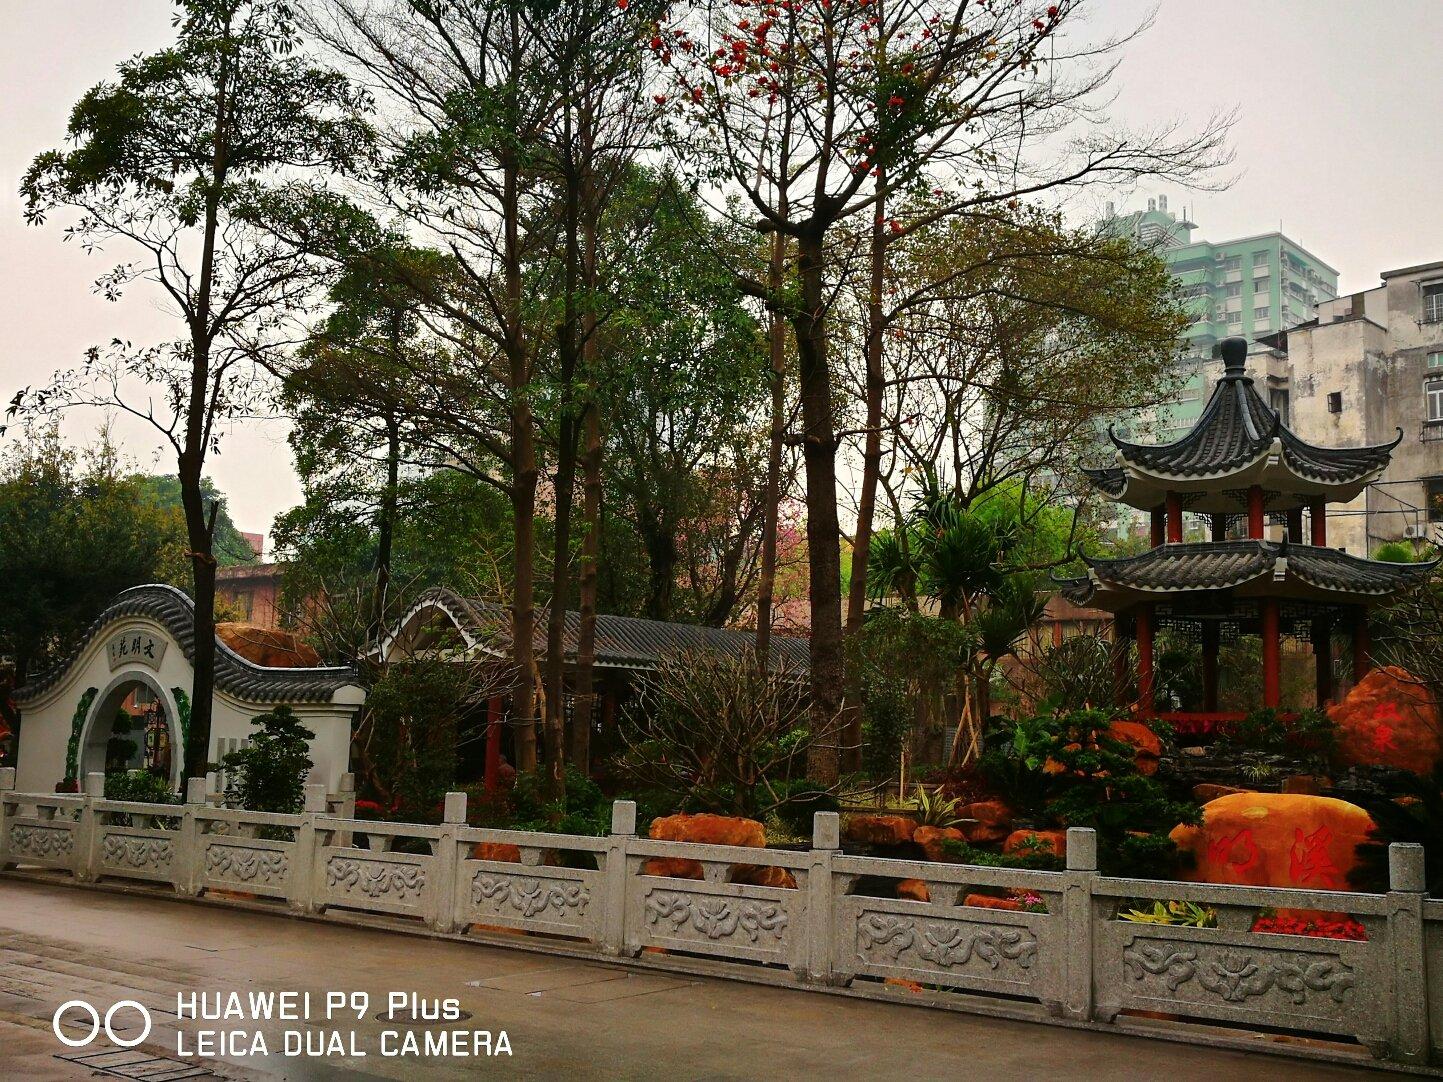 广东省广州市荔湾区华林中学清平路155号广州市第二十三初中天气预报我作文街道的长大了图片